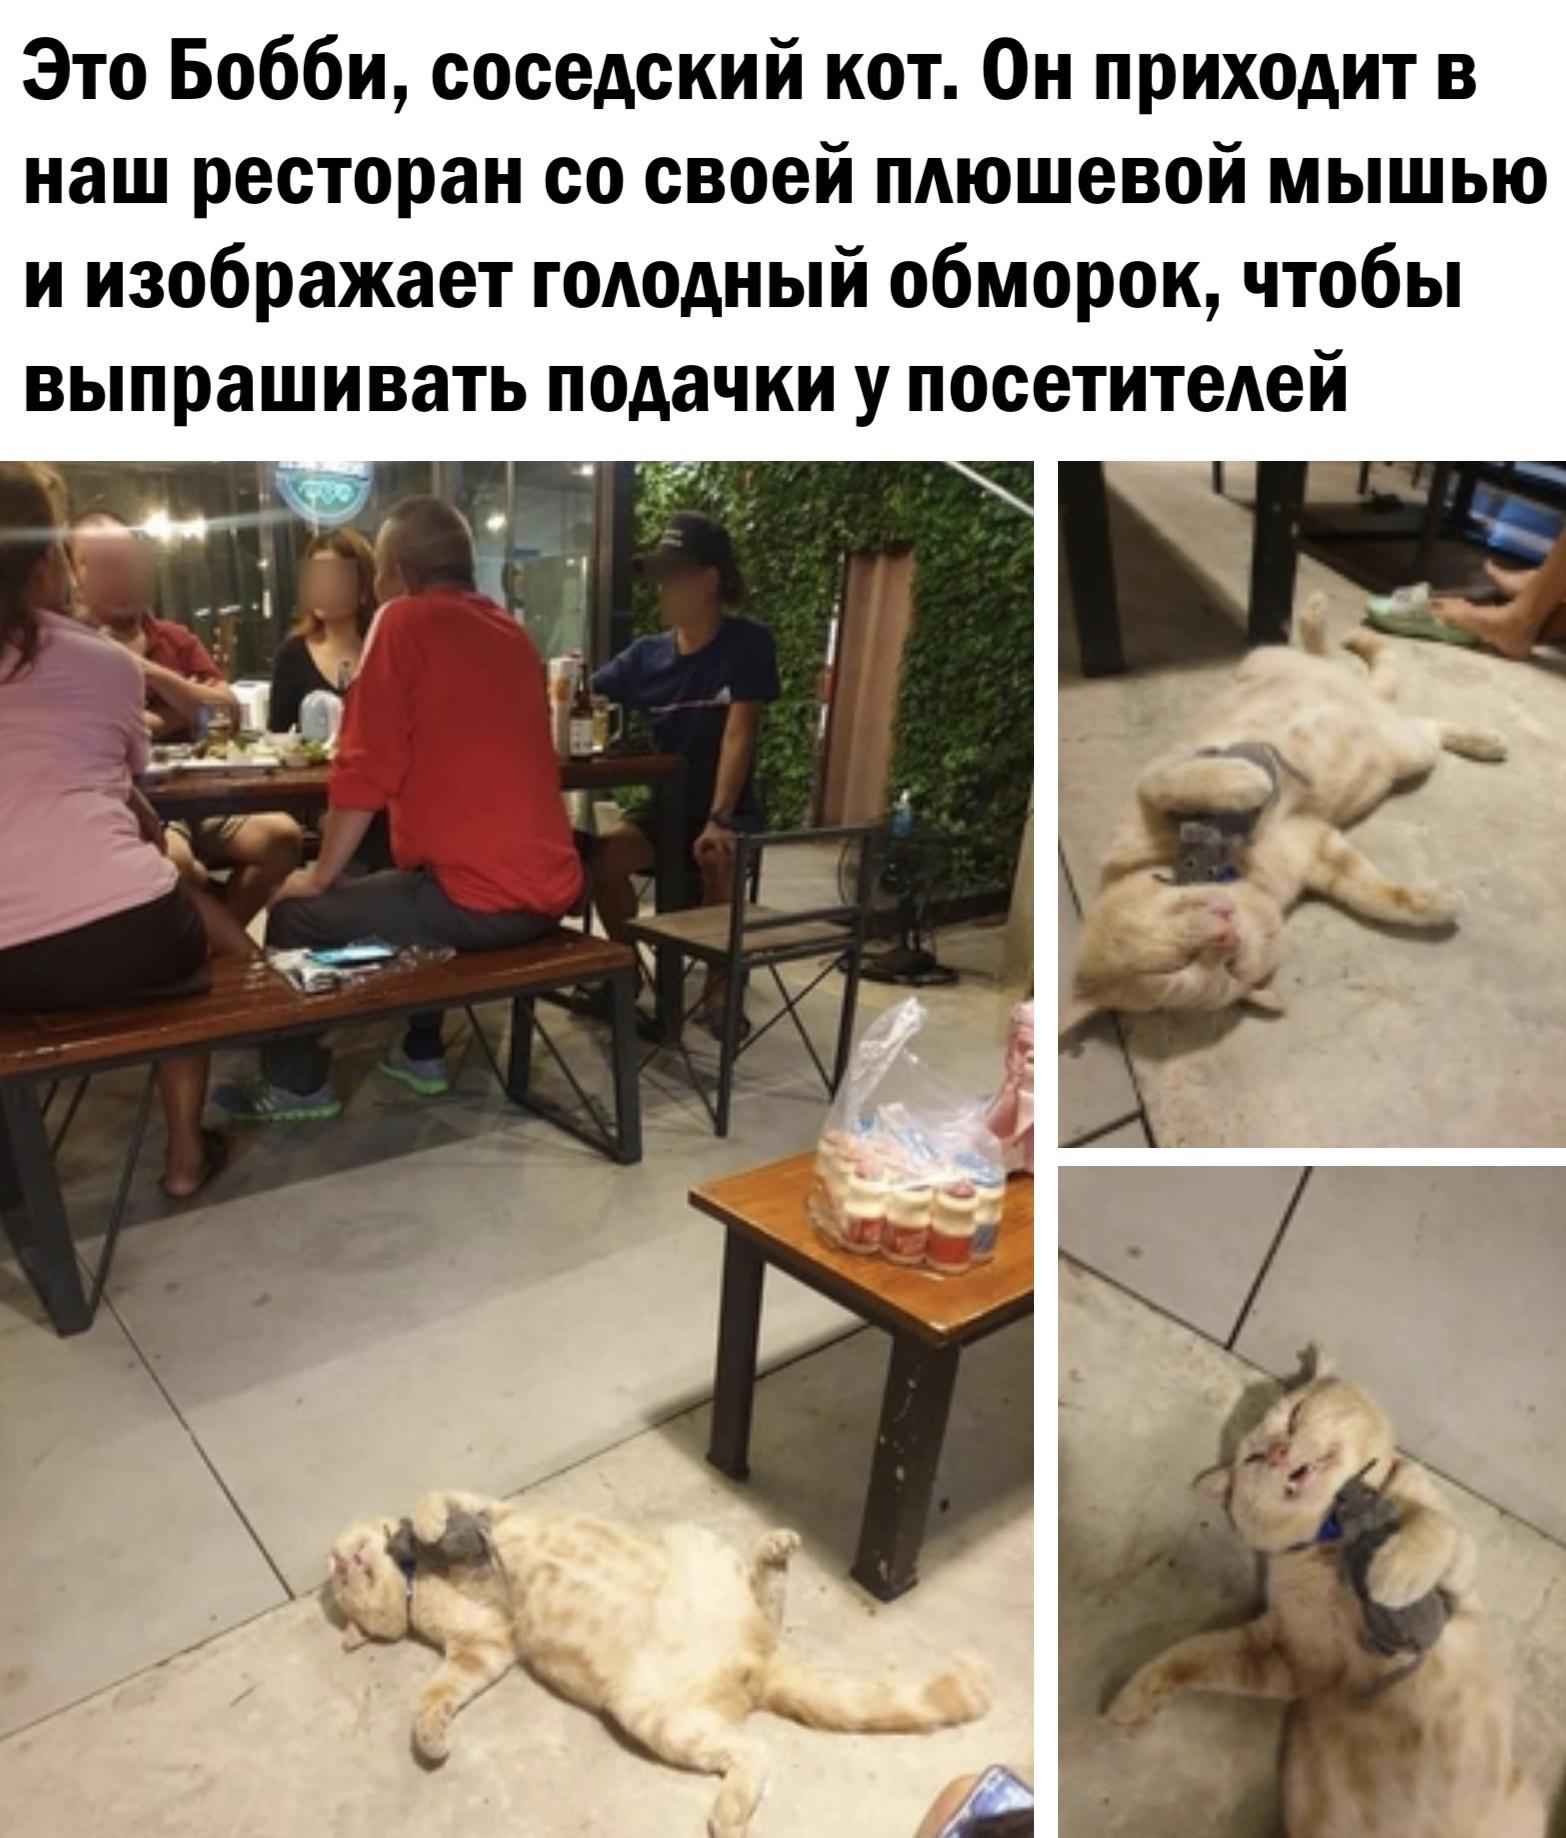 Пятничное с картинками)))